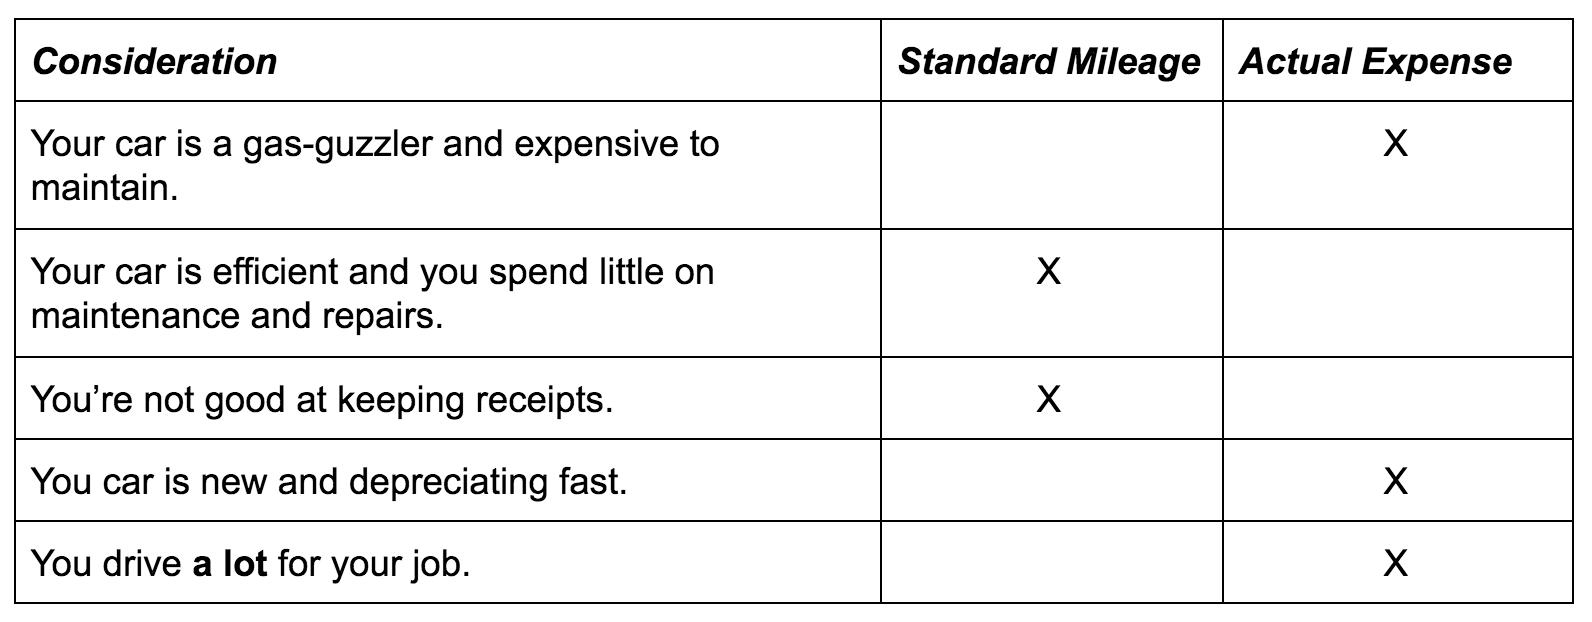 standard mileage method versus actual expense method